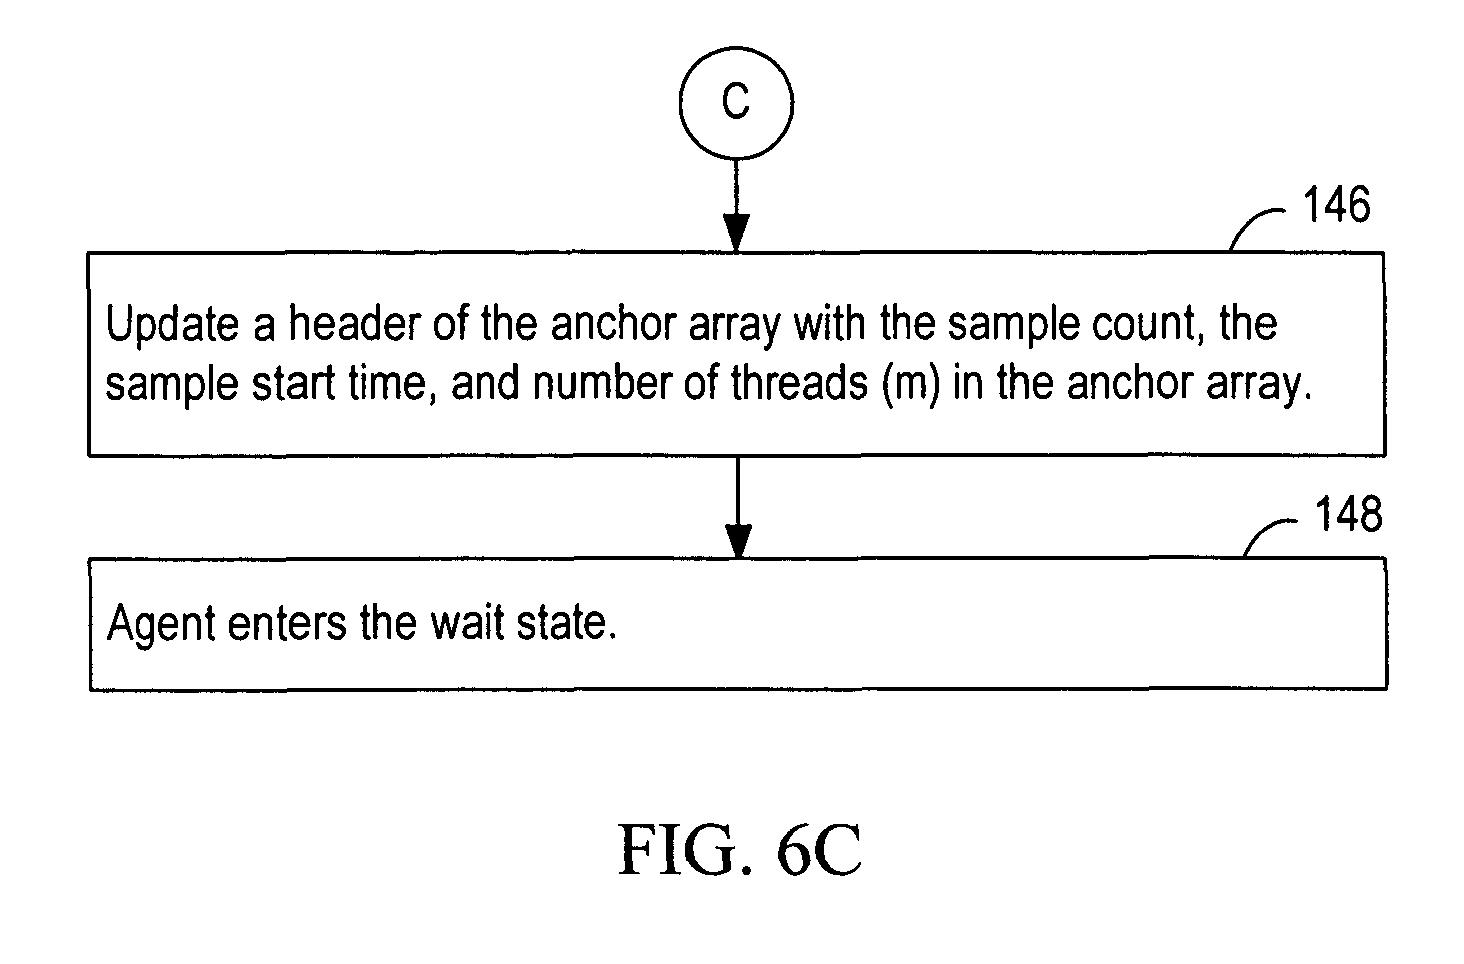 براءة الاختراع US7739675 - Dynamically computing a